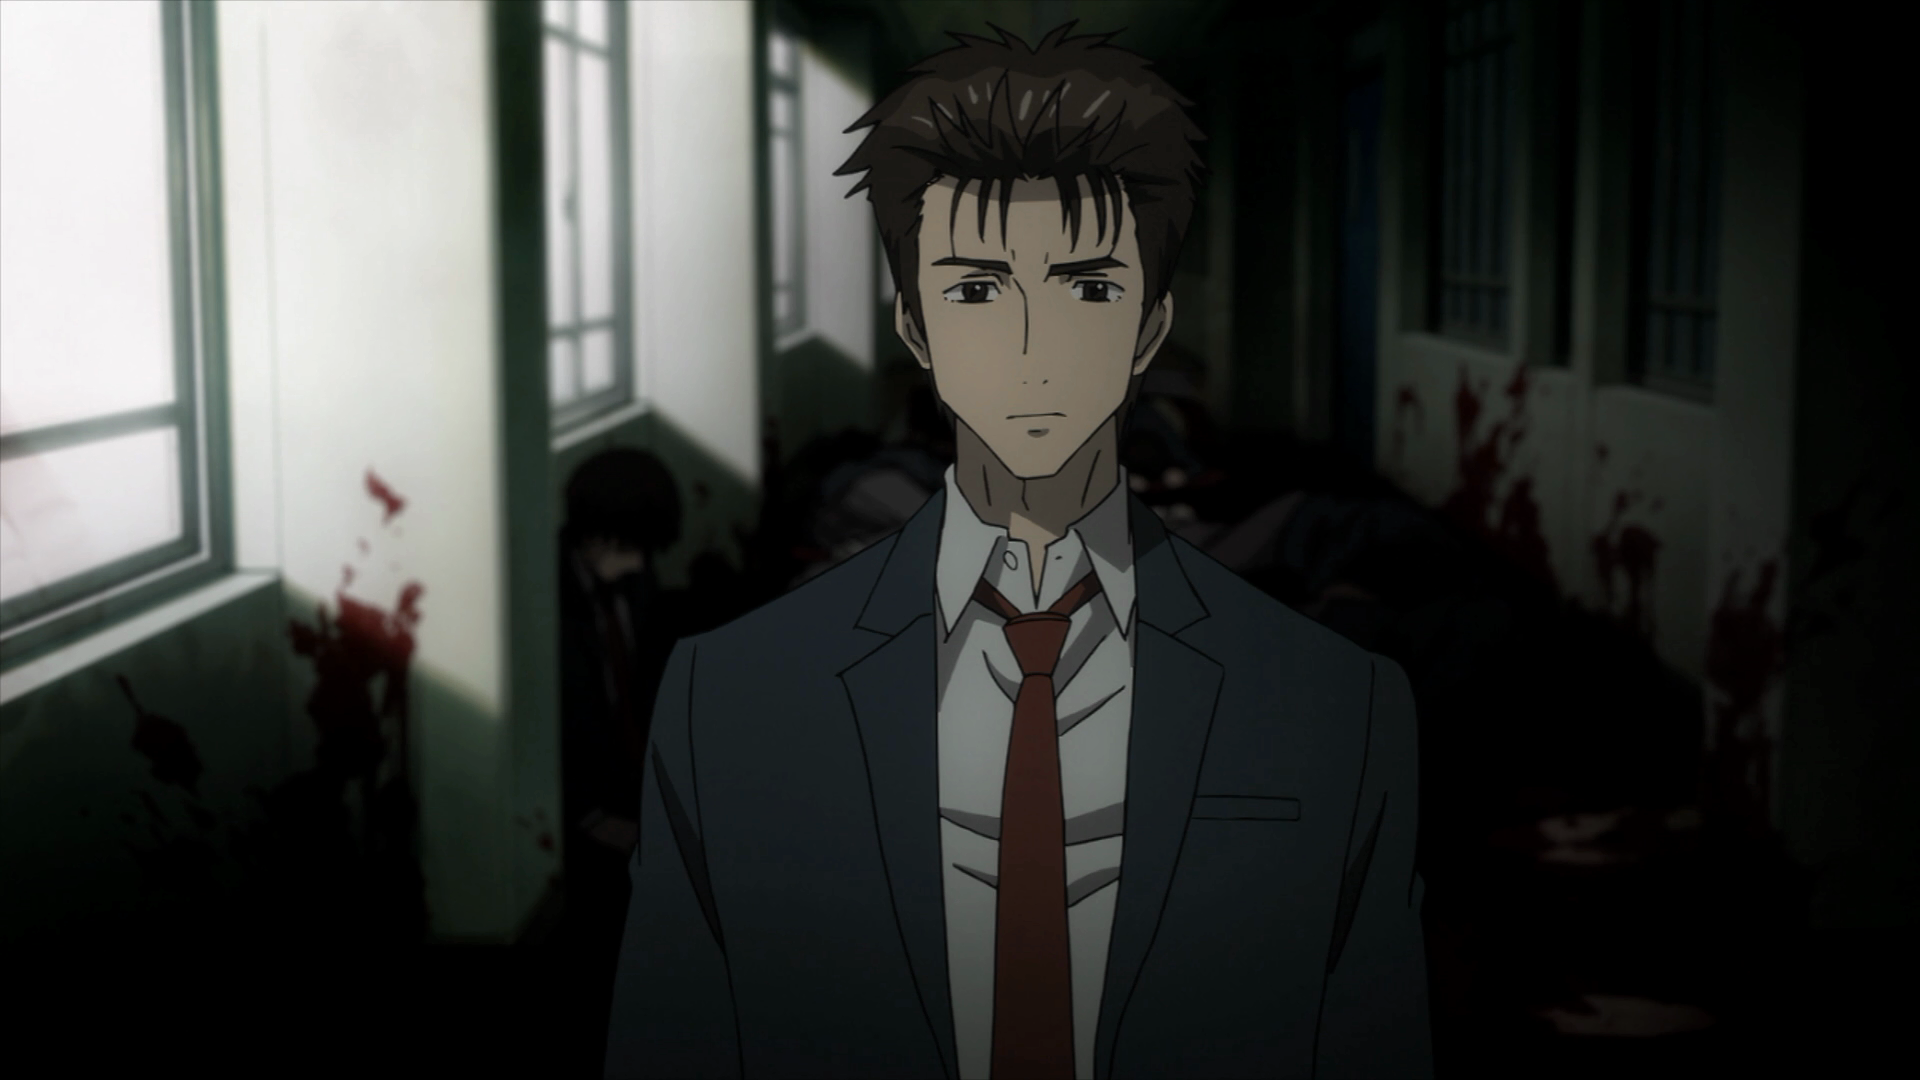 O novo Shinichi consegue suportar a pressão e fazer o que deve ser feito